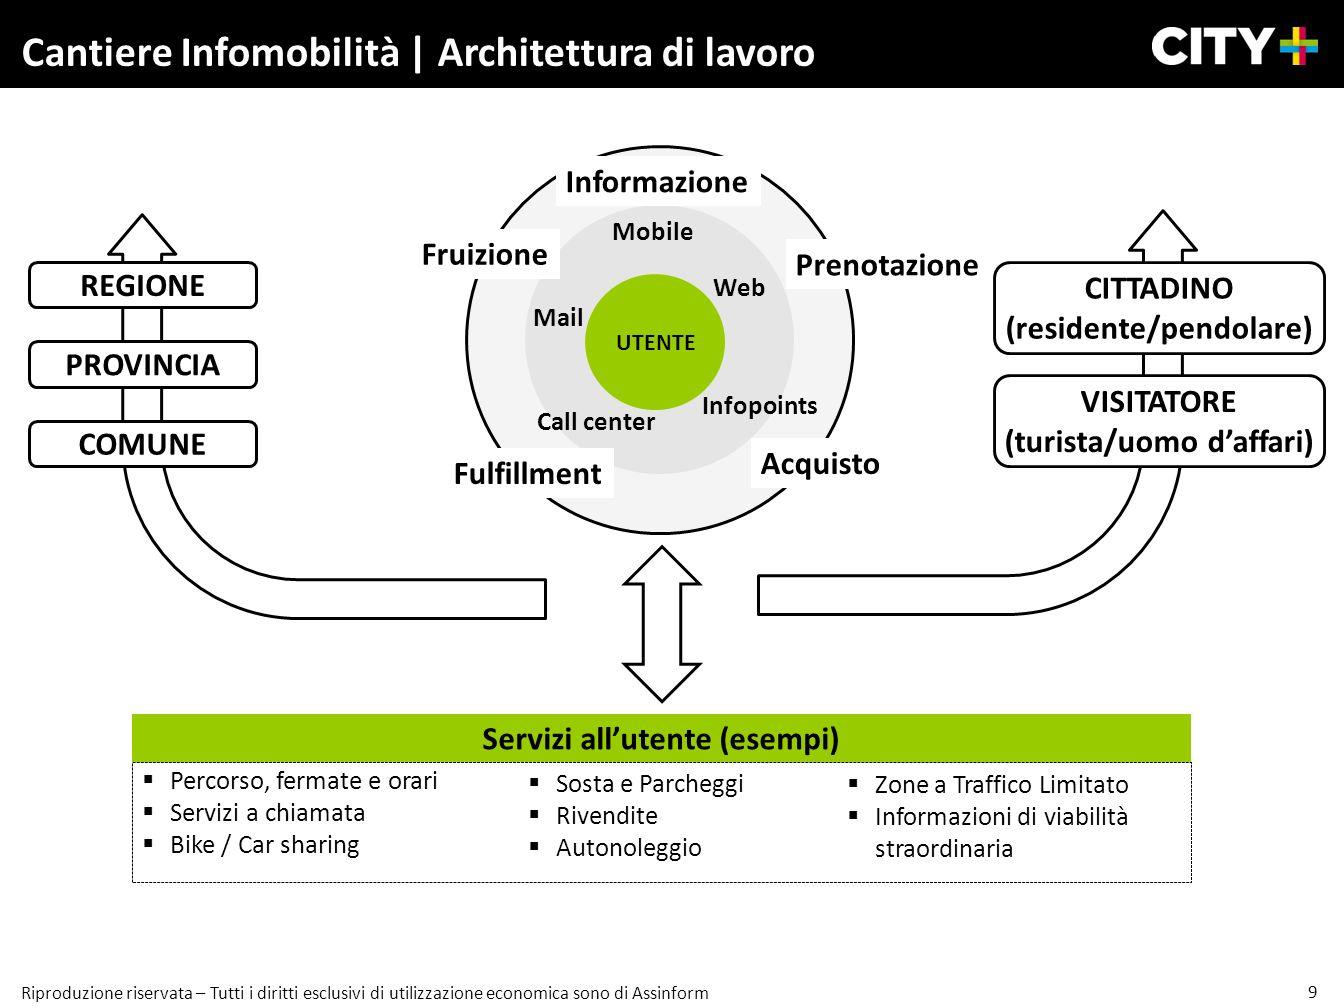 Cantiere Infomobilità | Architettura di lavoro